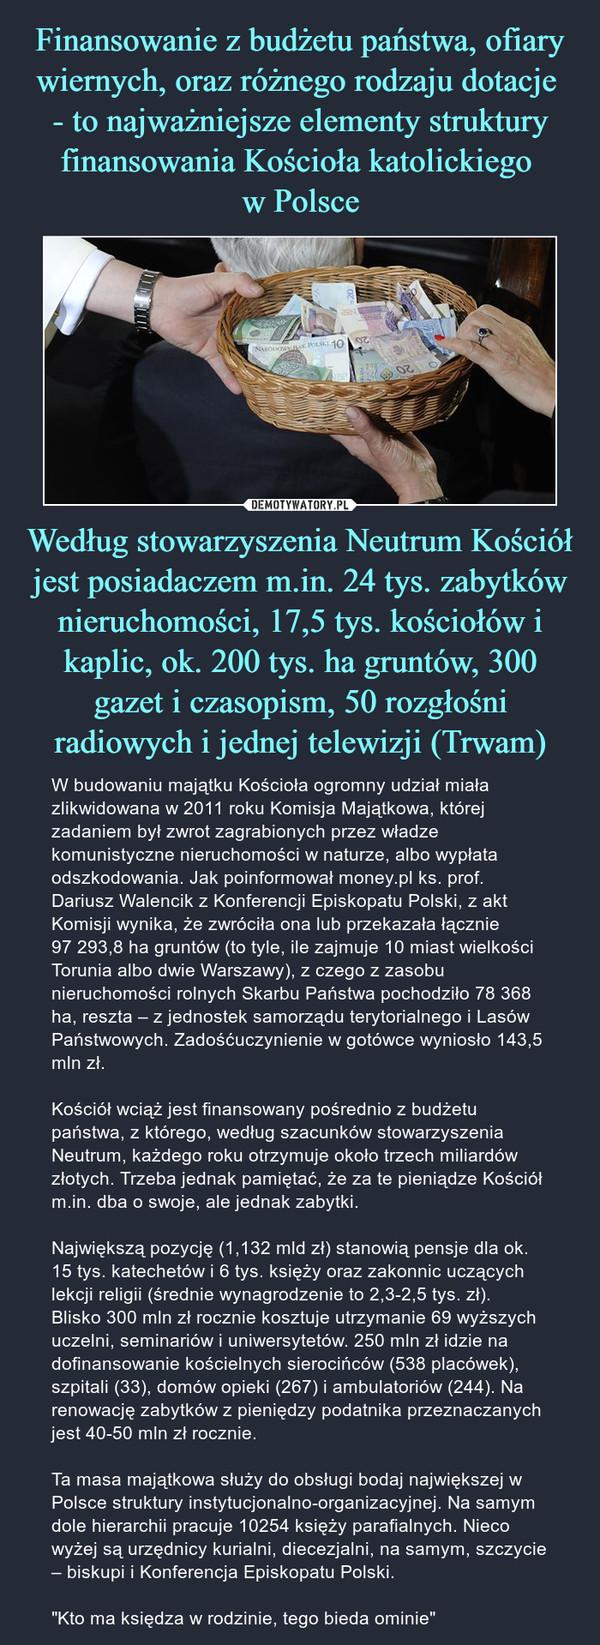 """Według stowarzyszenia Neutrum Kościół jest posiadaczem m.in. 24 tys. zabytków nieruchomości, 17,5 tys. kościołów i kaplic, ok. 200 tys. ha gruntów, 300 gazet i czasopism, 50 rozgłośni radiowych i jednej telewizji (Trwam) – W budowaniu majątku Kościoła ogromny udział miała zlikwidowana w 2011 roku Komisja Majątkowa, której zadaniem był zwrot zagrabionych przez władze komunistyczne nieruchomości w naturze, albo wypłata odszkodowania. Jak poinformował money.pl ks. prof. Dariusz Walencik z Konferencji Episkopatu Polski, z akt Komisji wynika, że zwróciła ona lub przekazała łącznie 97 293,8 ha gruntów (to tyle, ile zajmuje 10 miast wielkości Torunia albo dwie Warszawy), z czego z zasobu nieruchomości rolnych Skarbu Państwa pochodziło 78 368 ha, reszta – z jednostek samorządu terytorialnego i Lasów Państwowych. Zadośćuczynienie w gotówce wyniosło 143,5 mln zł.Kościół wciąż jest finansowany pośrednio z budżetu państwa, z którego, według szacunków stowarzyszenia Neutrum, każdego roku otrzymuje około trzech miliardów złotych. Trzeba jednak pamiętać, że za te pieniądze Kościół m.in. dba o swoje, ale jednak zabytki.Największą pozycję (1,132 mld zł) stanowią pensje dla ok. 15 tys. katechetów i 6 tys. księży oraz zakonnic uczących lekcji religii (średnie wynagrodzenie to 2,3-2,5 tys. zł).Blisko 300 mln zł rocznie kosztuje utrzymanie 69 wyższych uczelni, seminariów i uniwersytetów. 250 mln zł idzie na dofinansowanie kościelnych sierocińców (538 placówek), szpitali (33), domów opieki (267) i ambulatoriów (244). Na renowację zabytków z pieniędzy podatnika przeznaczanych jest 40-50 mln zł rocznie. Ta masa majątkowa służy do obsługi bodaj największej w Polsce struktury instytucjonalno-organizacyjnej. Na samym dole hierarchii pracuje 10254 księży parafialnych. Nieco wyżej są urzędnicy kurialni, diecezjalni, na samym, szczycie – biskupi i Konferencja Episkopatu Polski.""""Kto ma księdza w rodzinie, tego bieda ominie"""""""